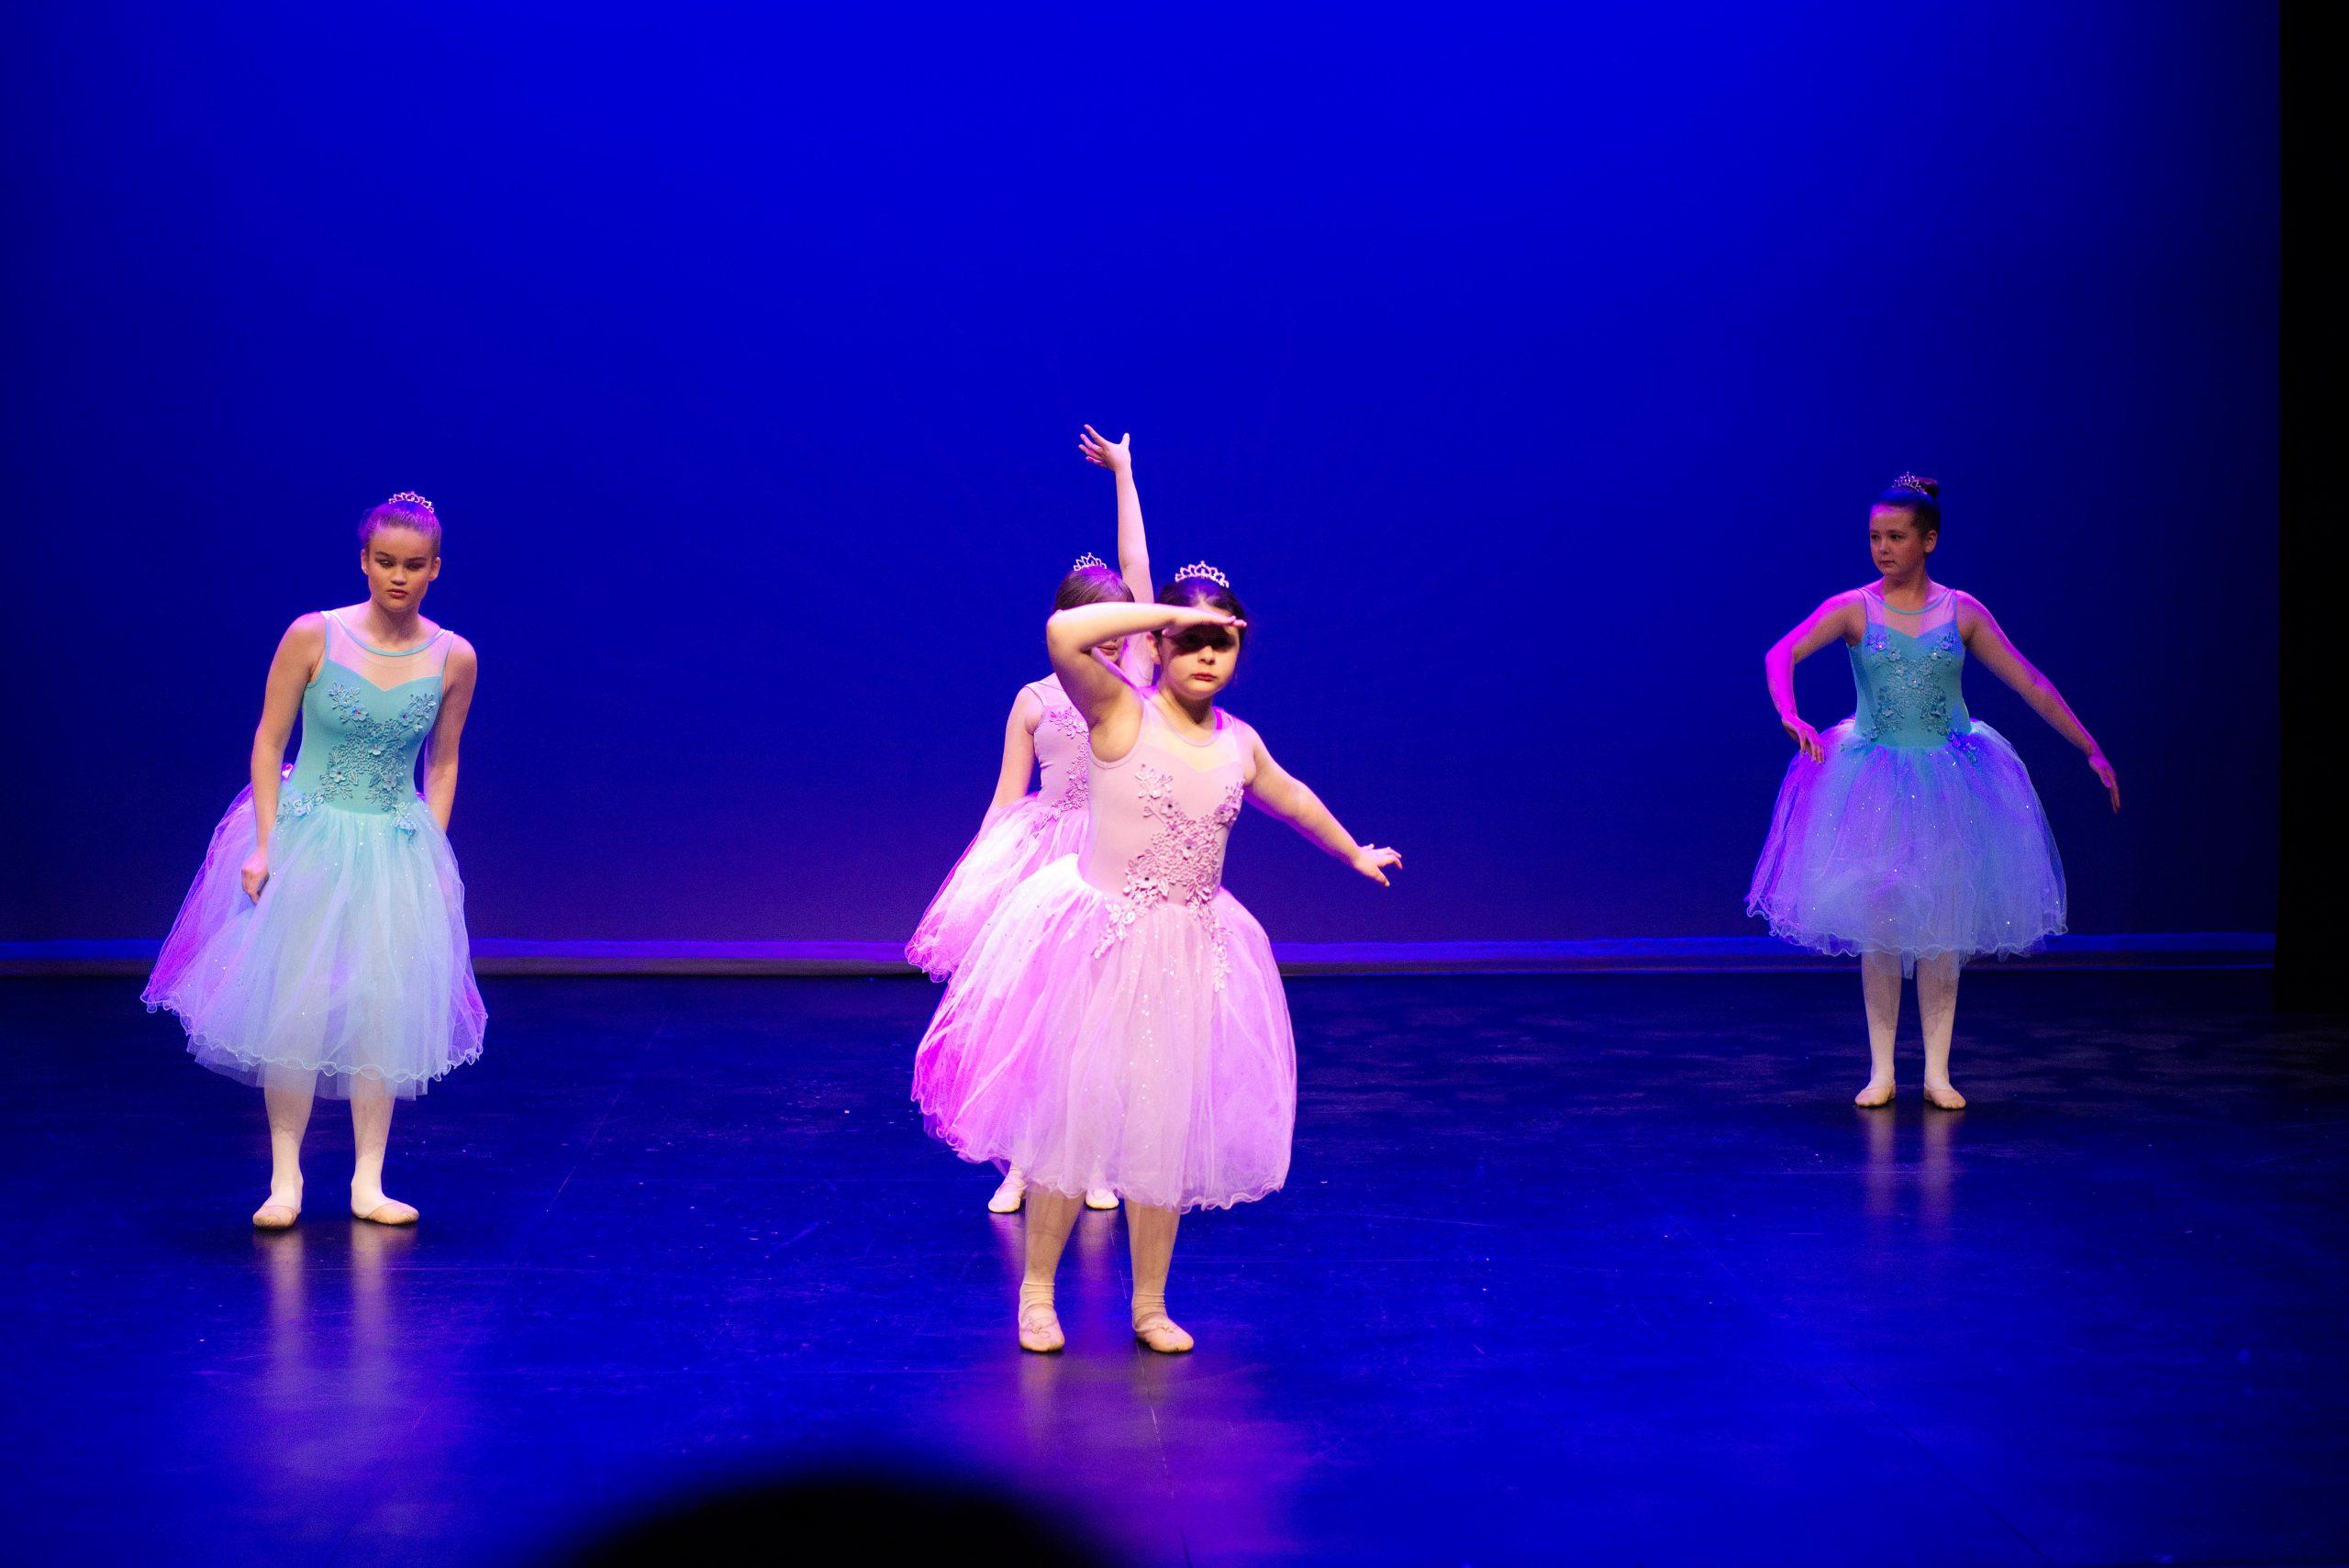 Diakosmos_Dance_Academy_Special_Programs